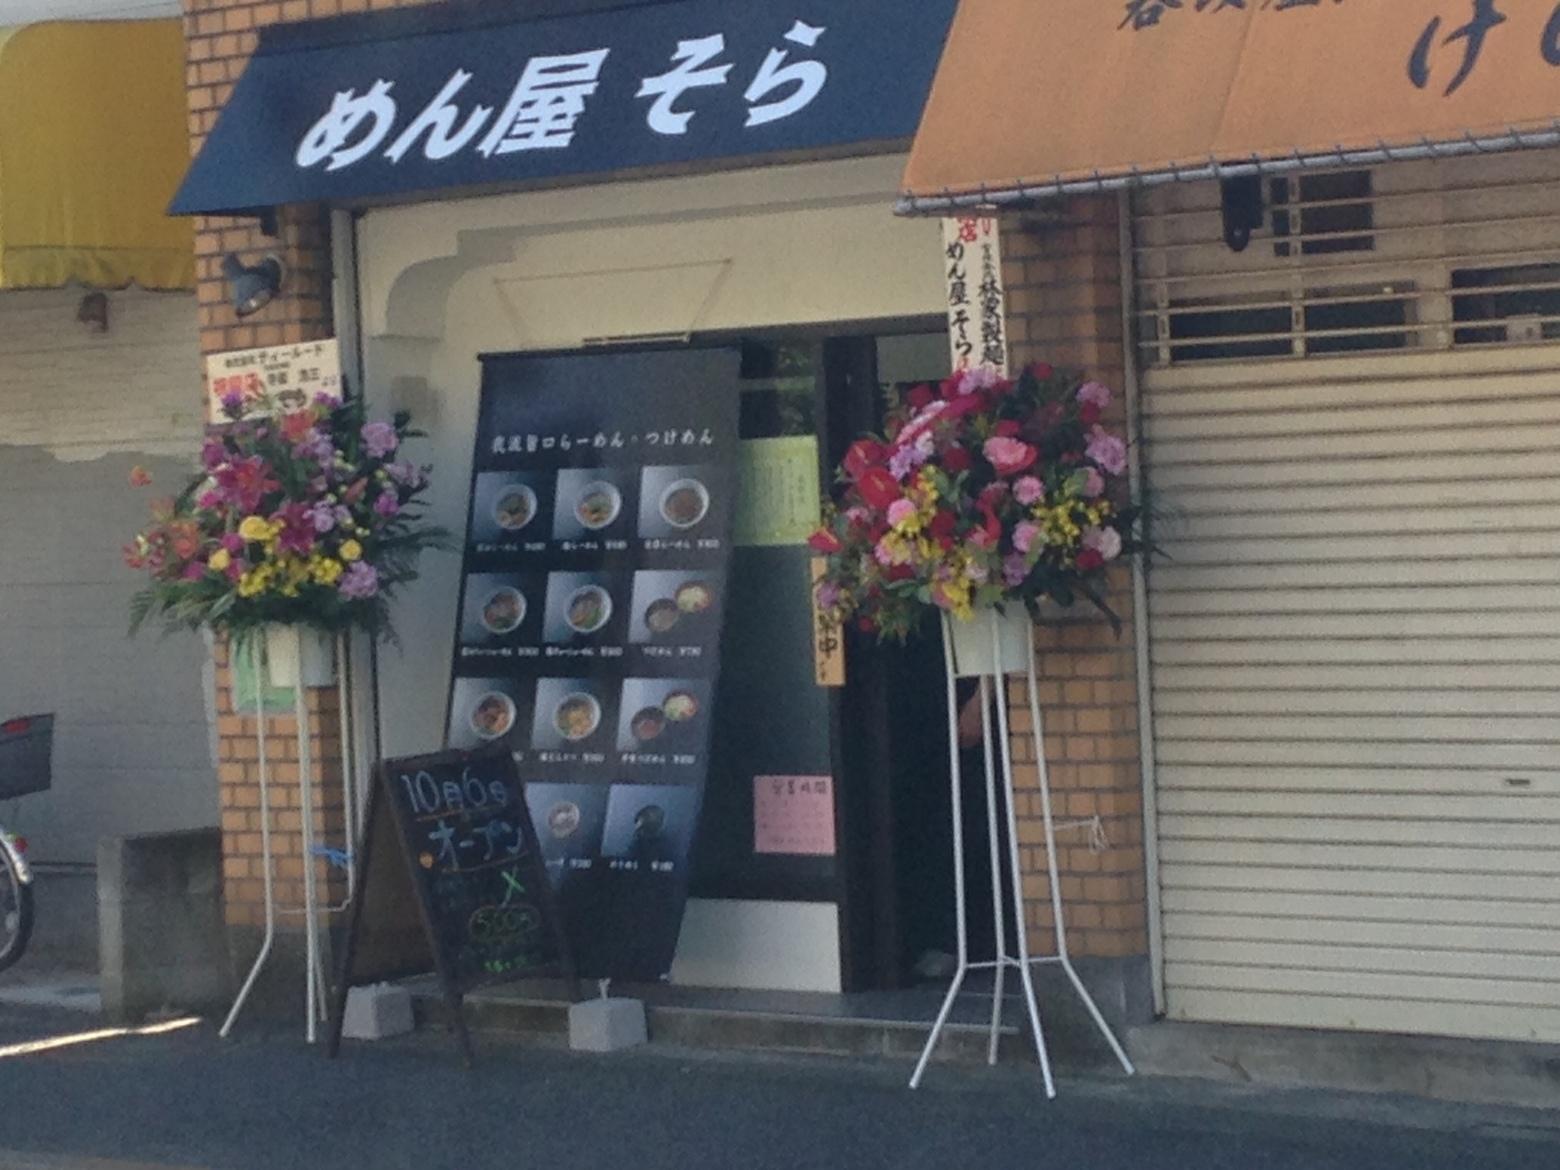 めん屋 そら 江戸川中央店